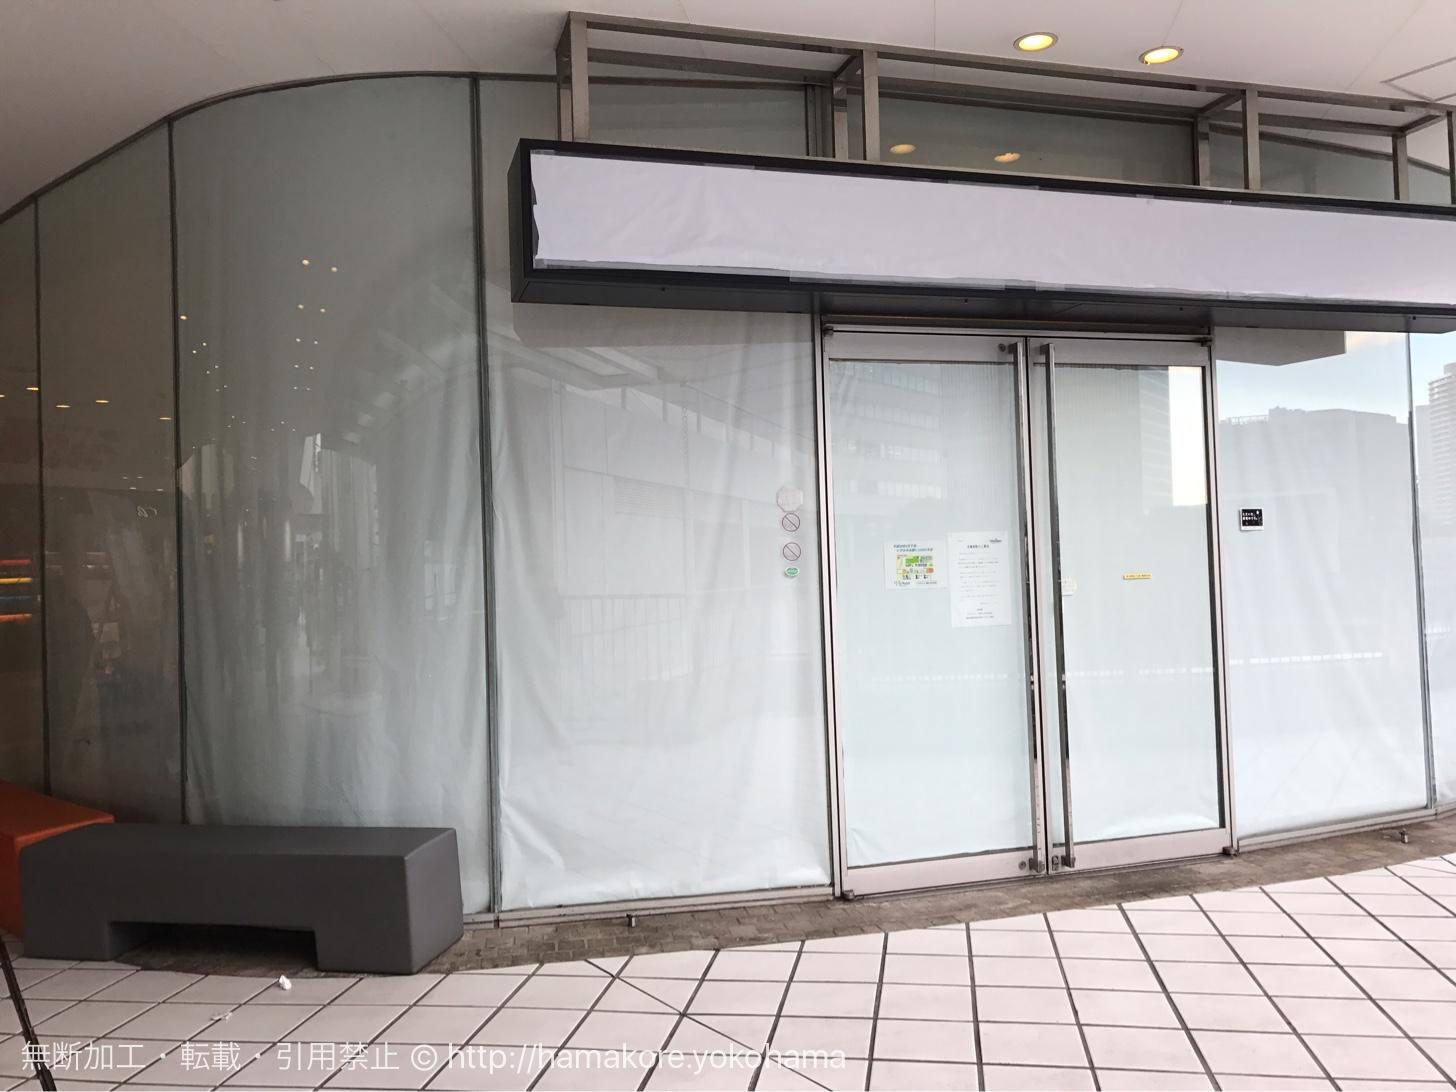 ヴィクトワール 横浜ベイクォーター店 外観